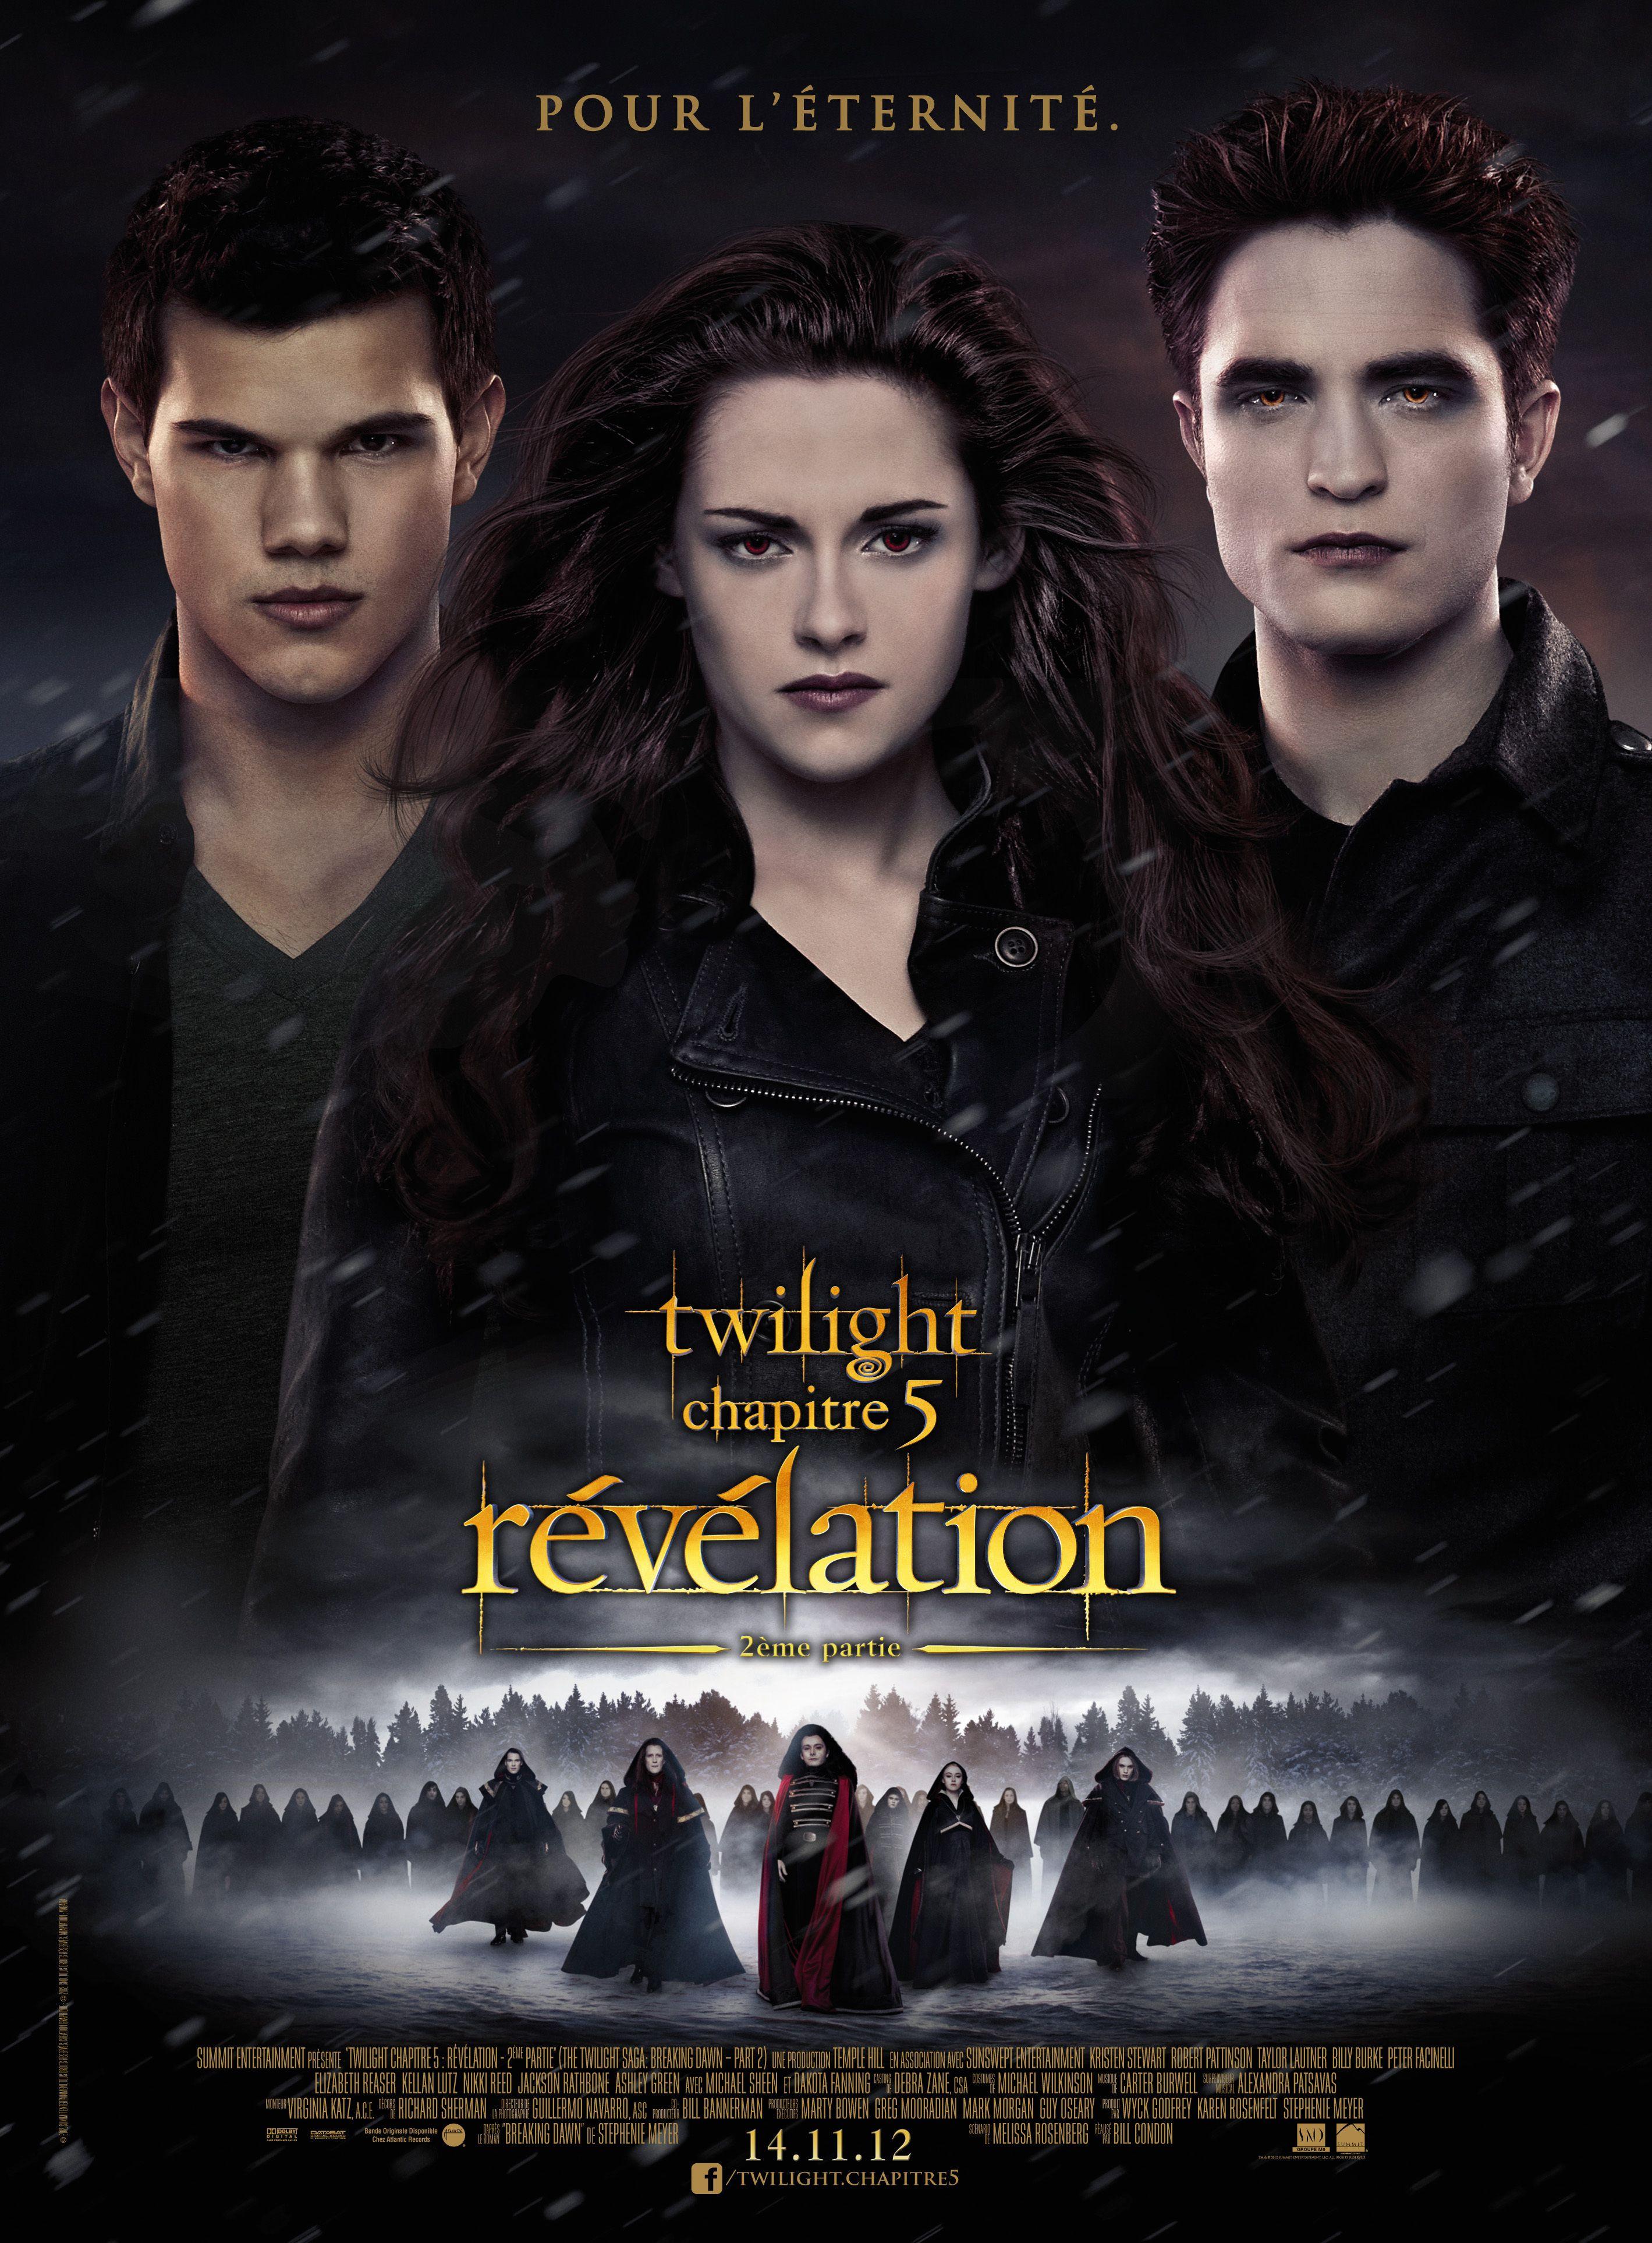 Twilight Chapitre 5 Revelation 2e Partie Film 2012